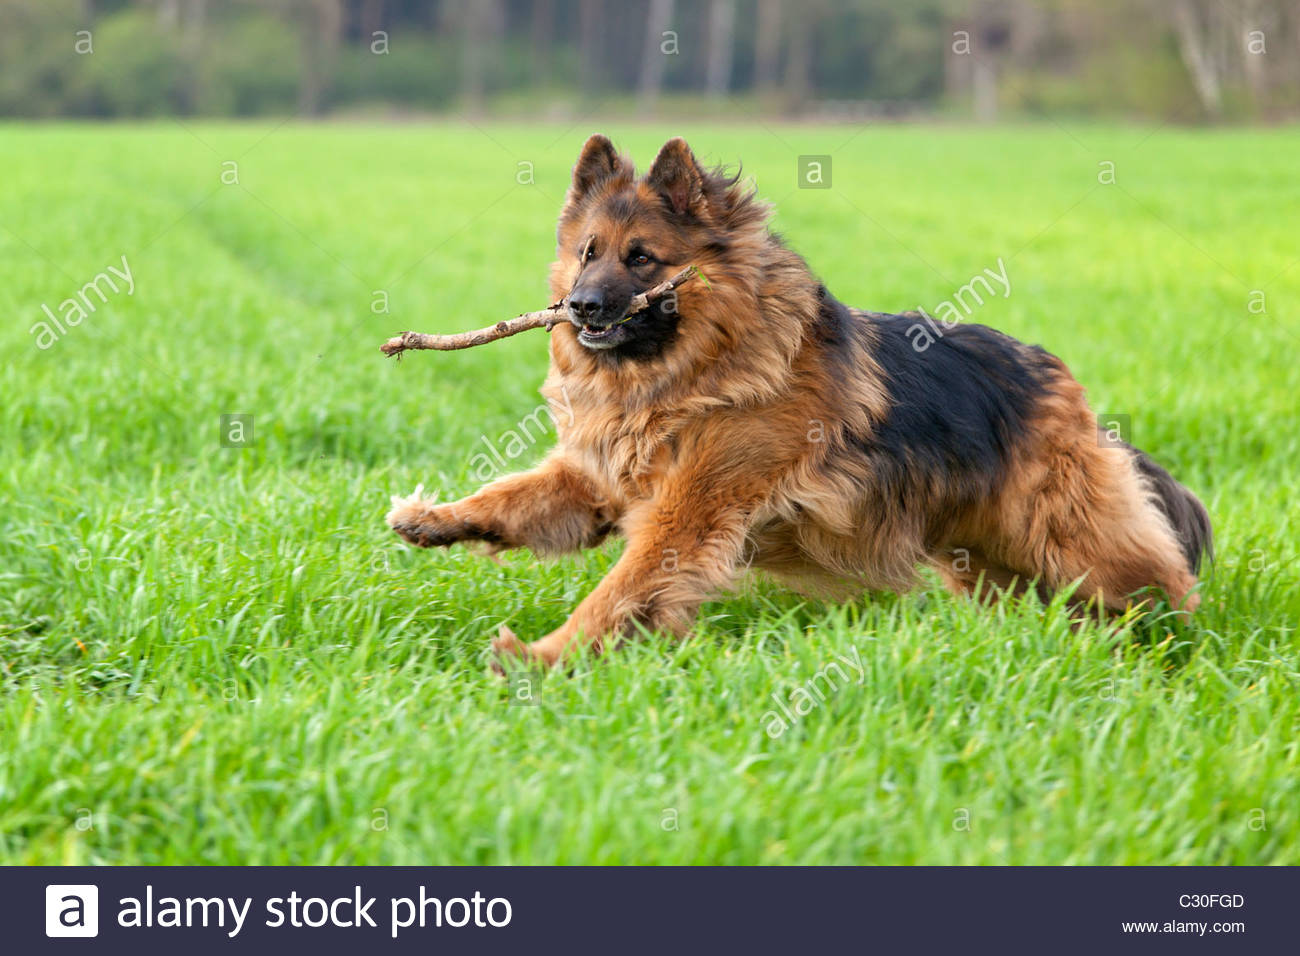 Long Hair German Shepherd Dog Running Through A Field